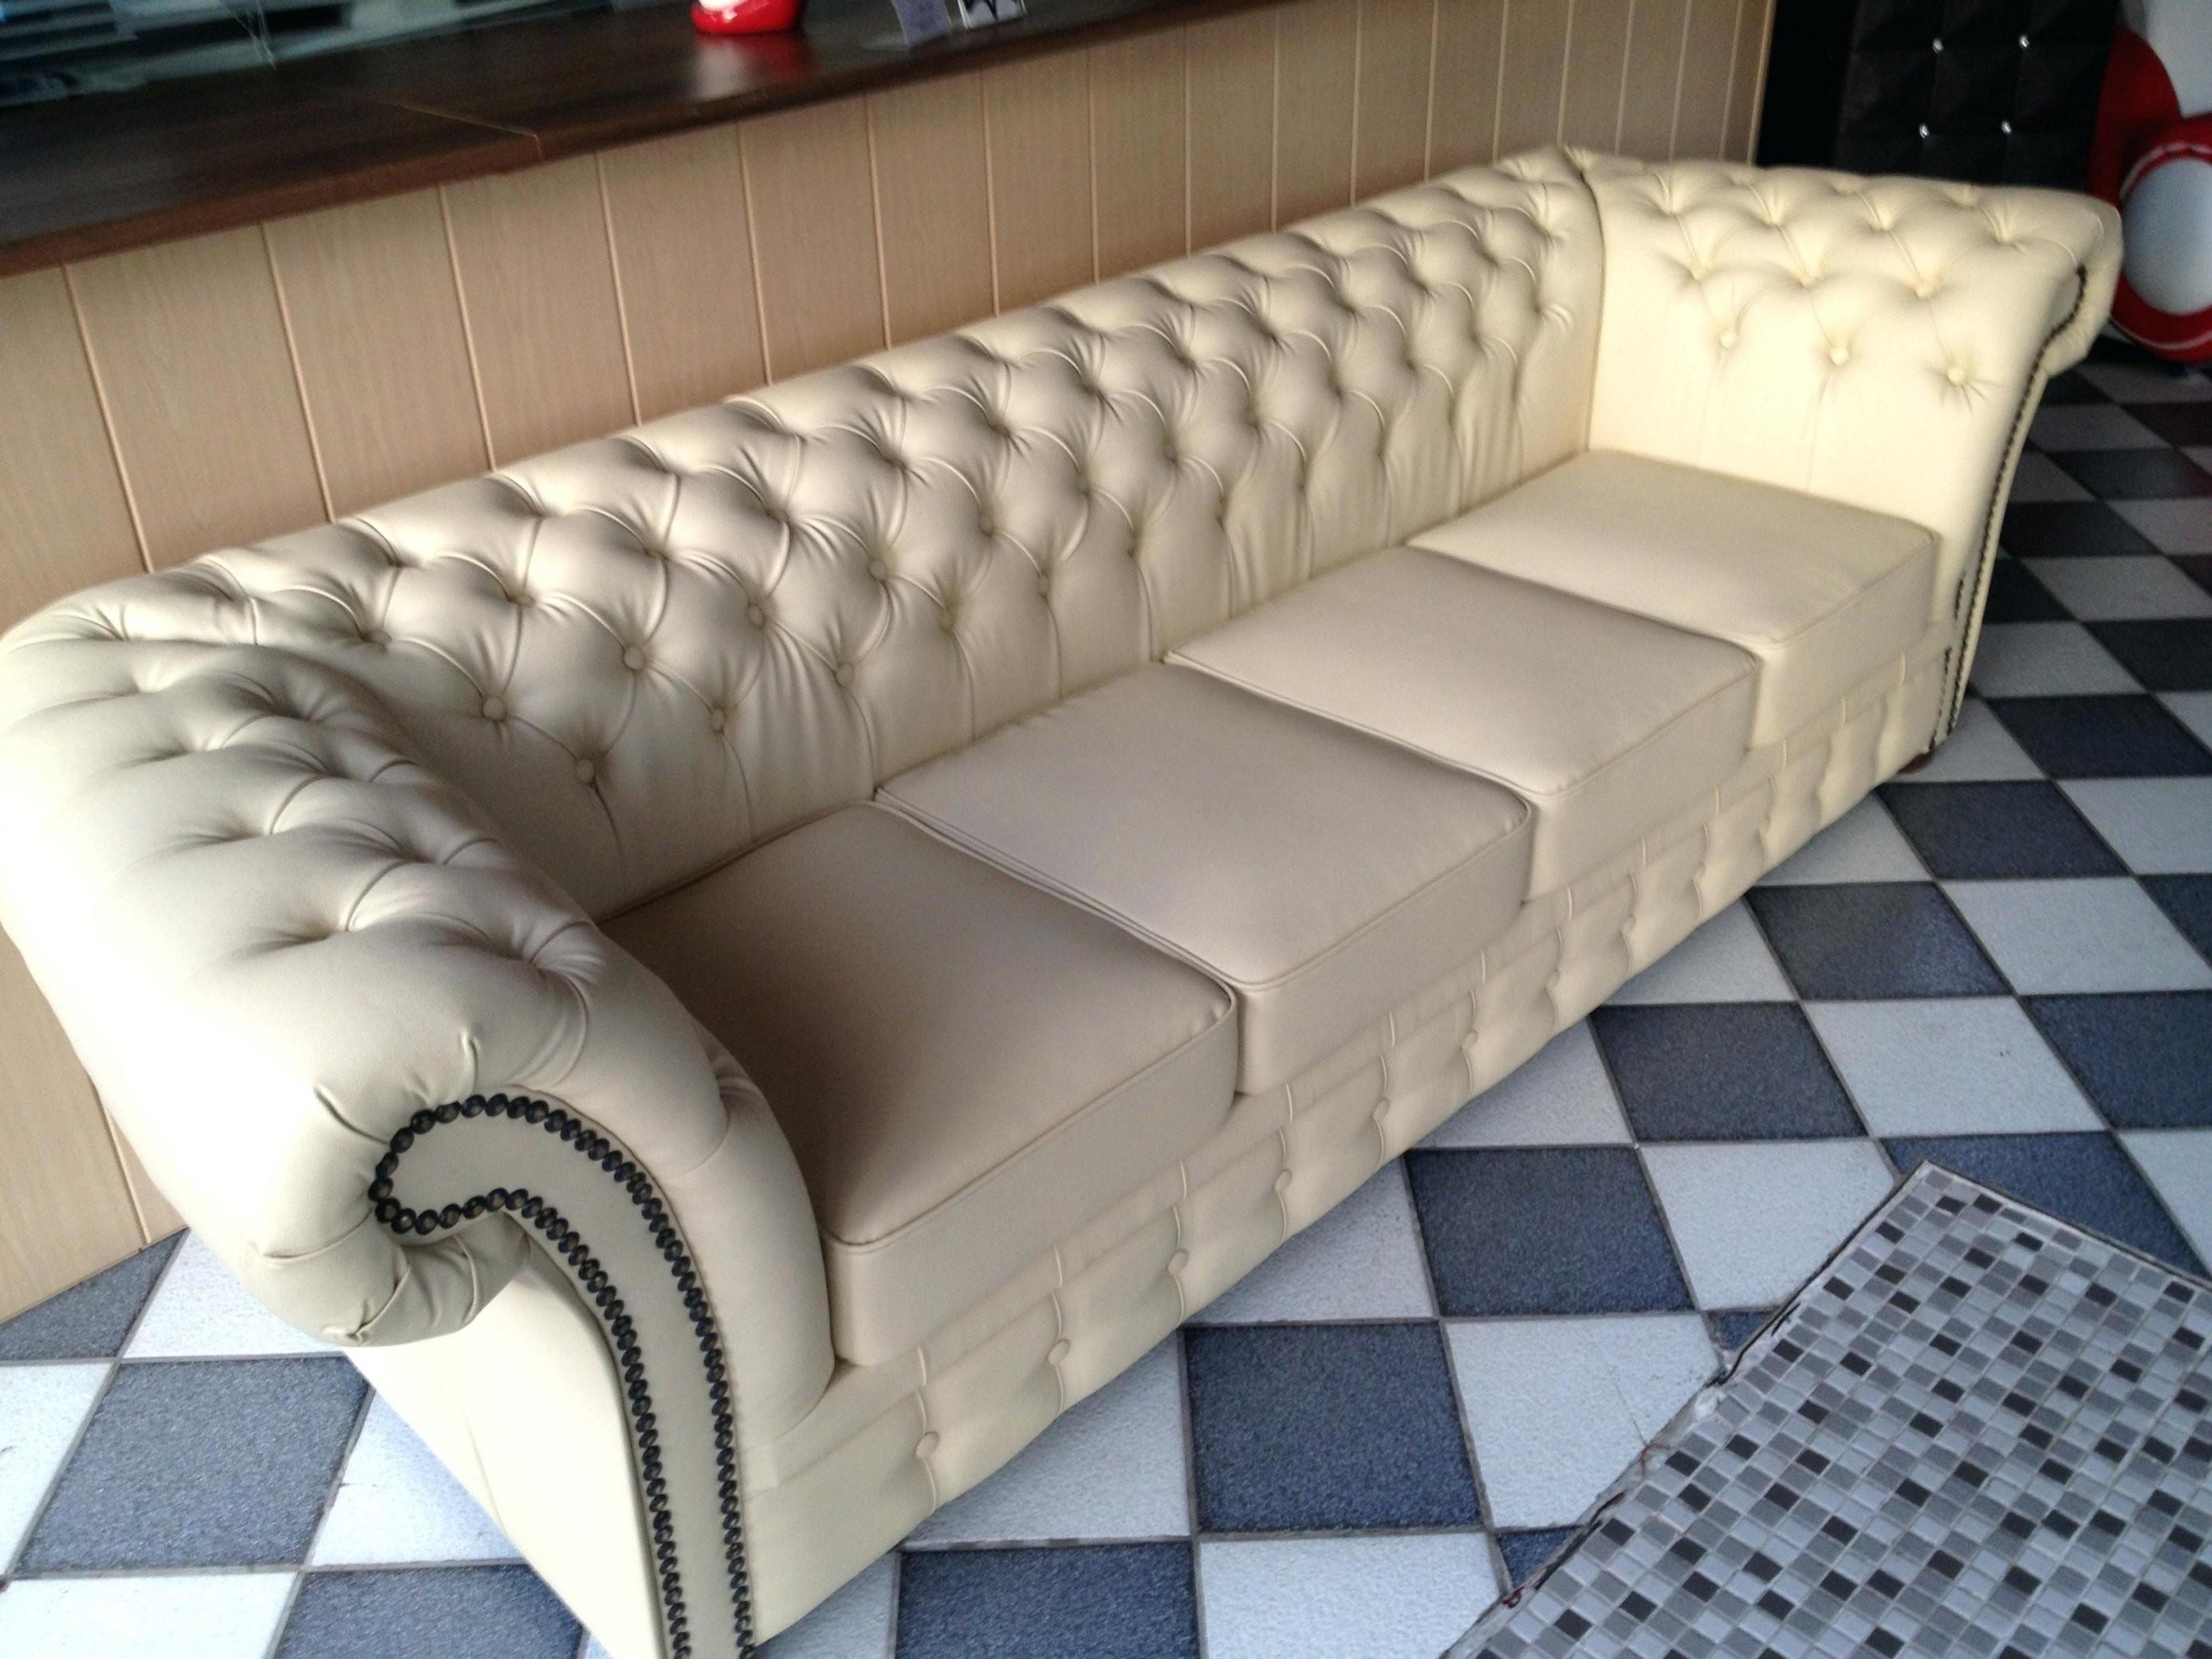 4 Sitzer Sofa Leder 3 Roletto2 2 Grau Sofabezug Couch – Naviciti von Sofa 4 Sitzer Leder Bild